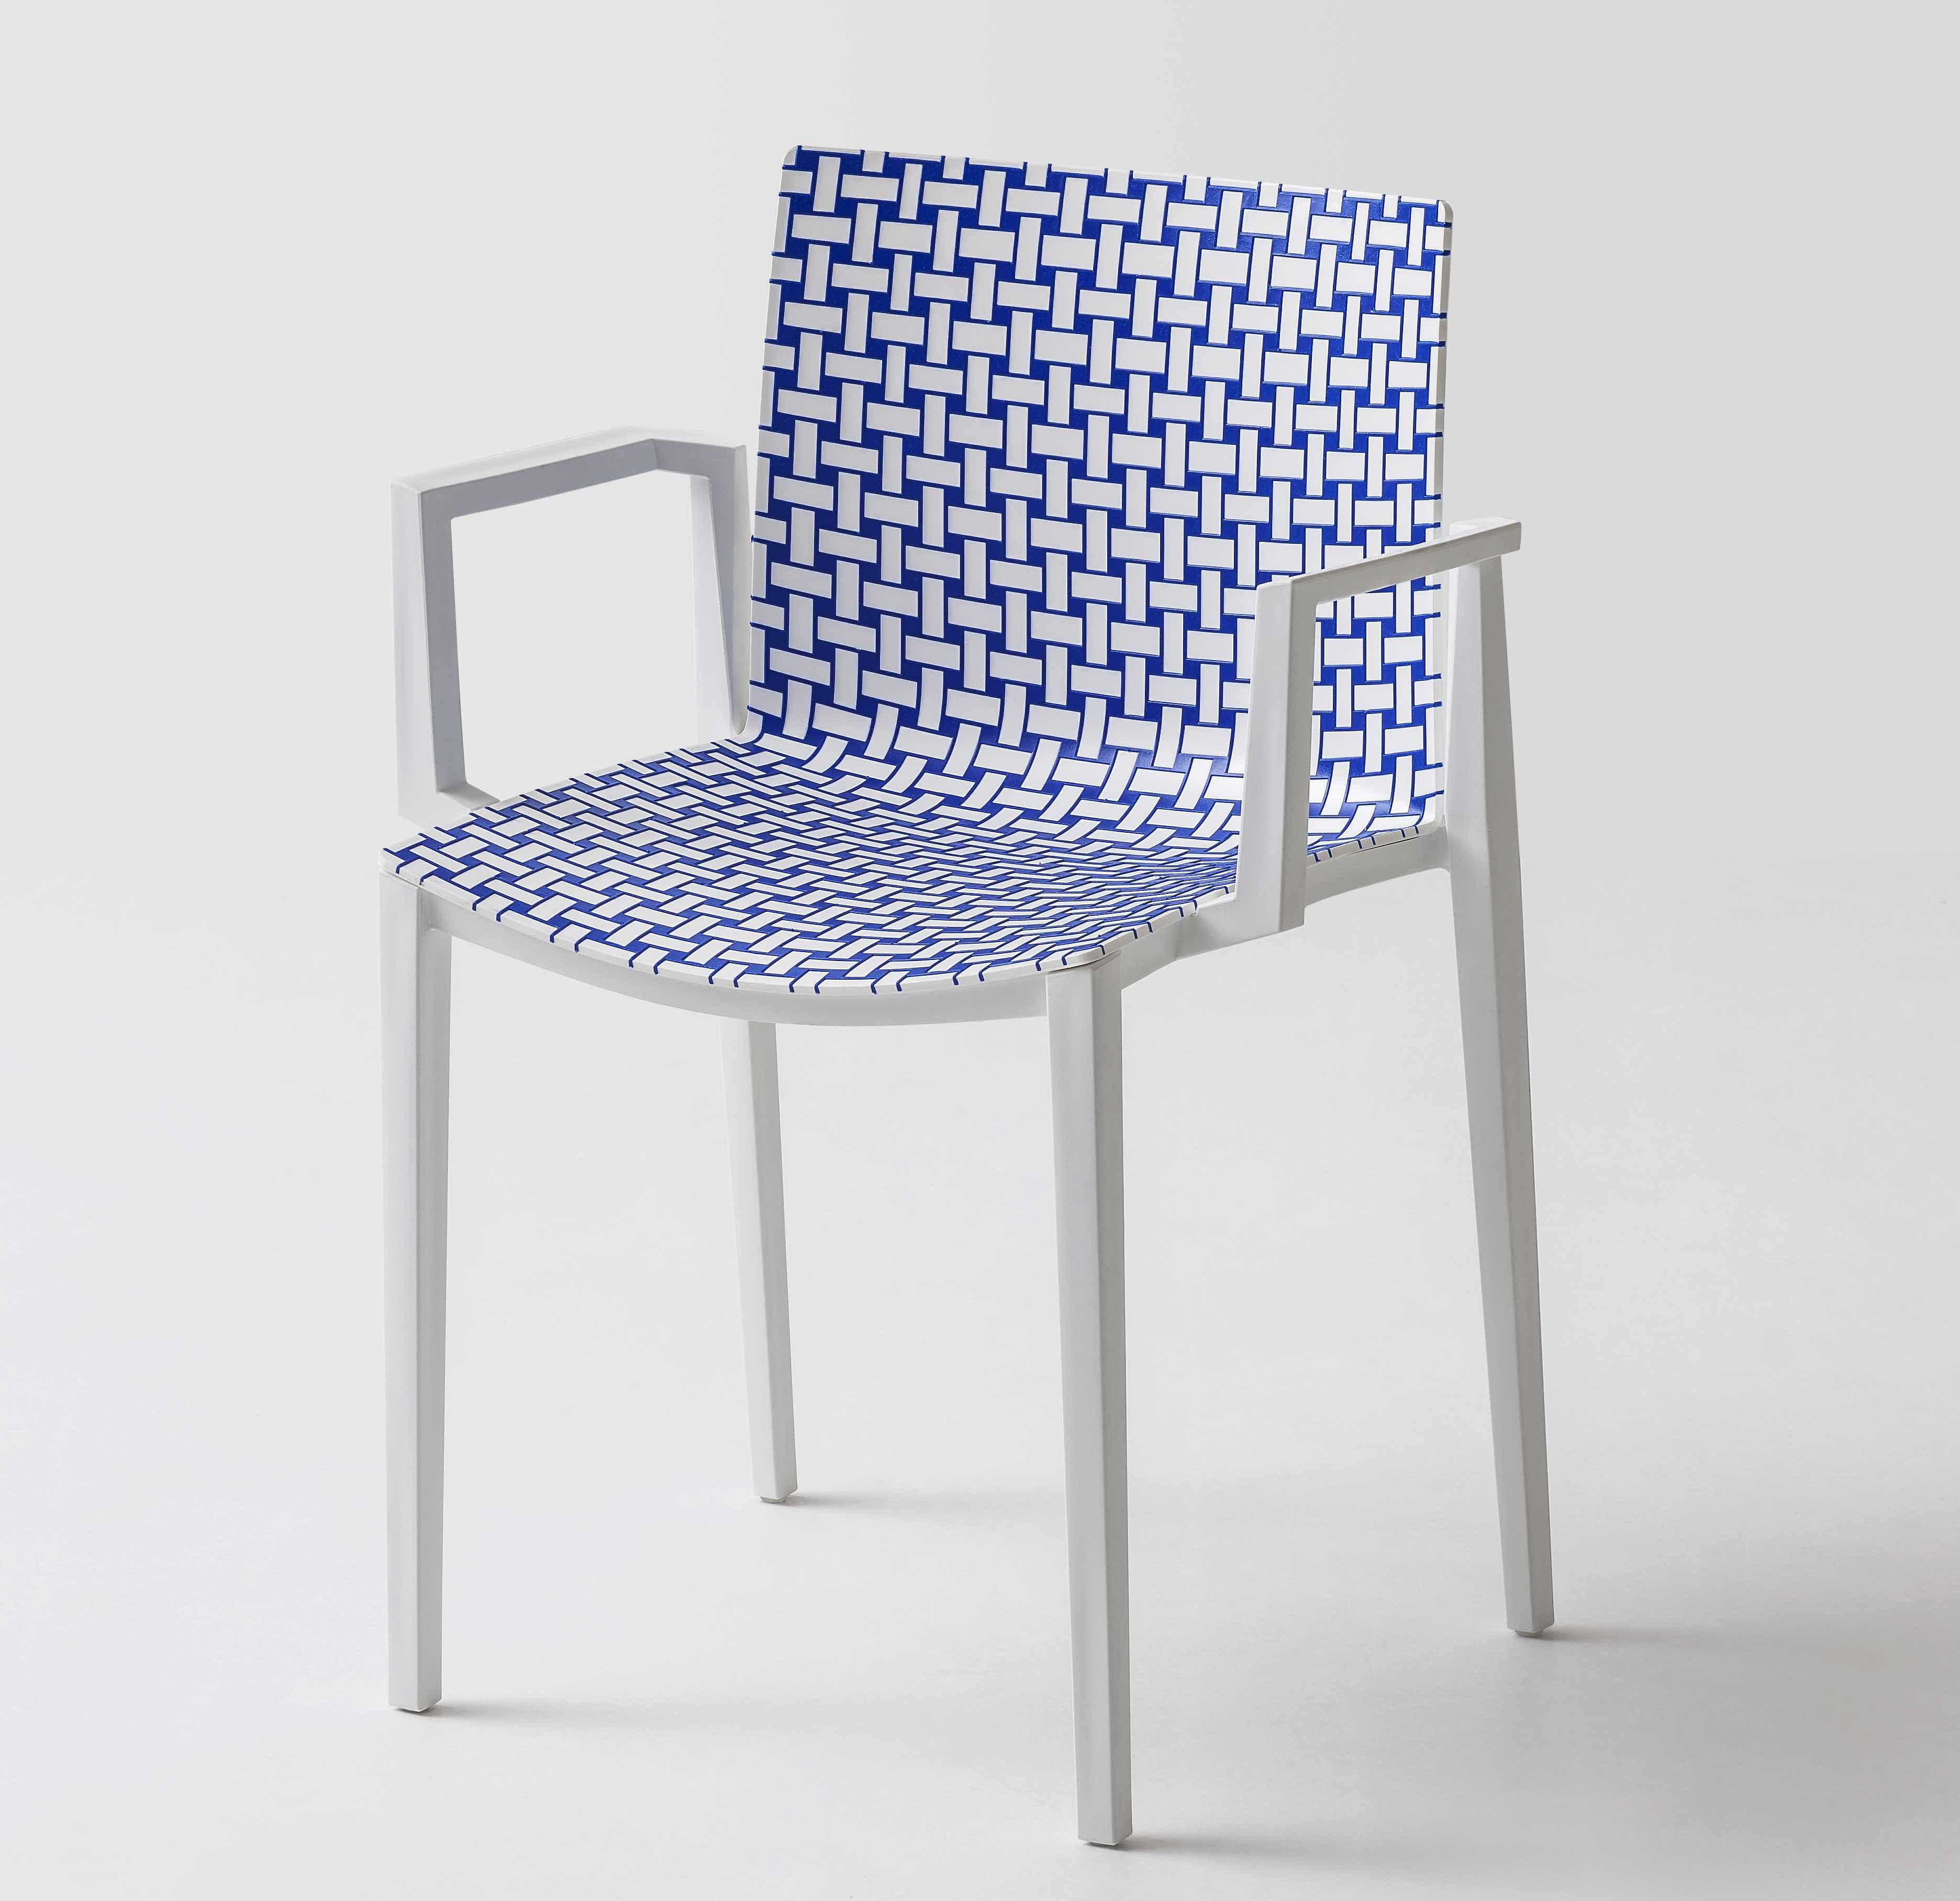 Interesting a livello che produce sedie sgabelli imbottiti e tavoli di alta qualit e design con - Tavoli design famosi ...